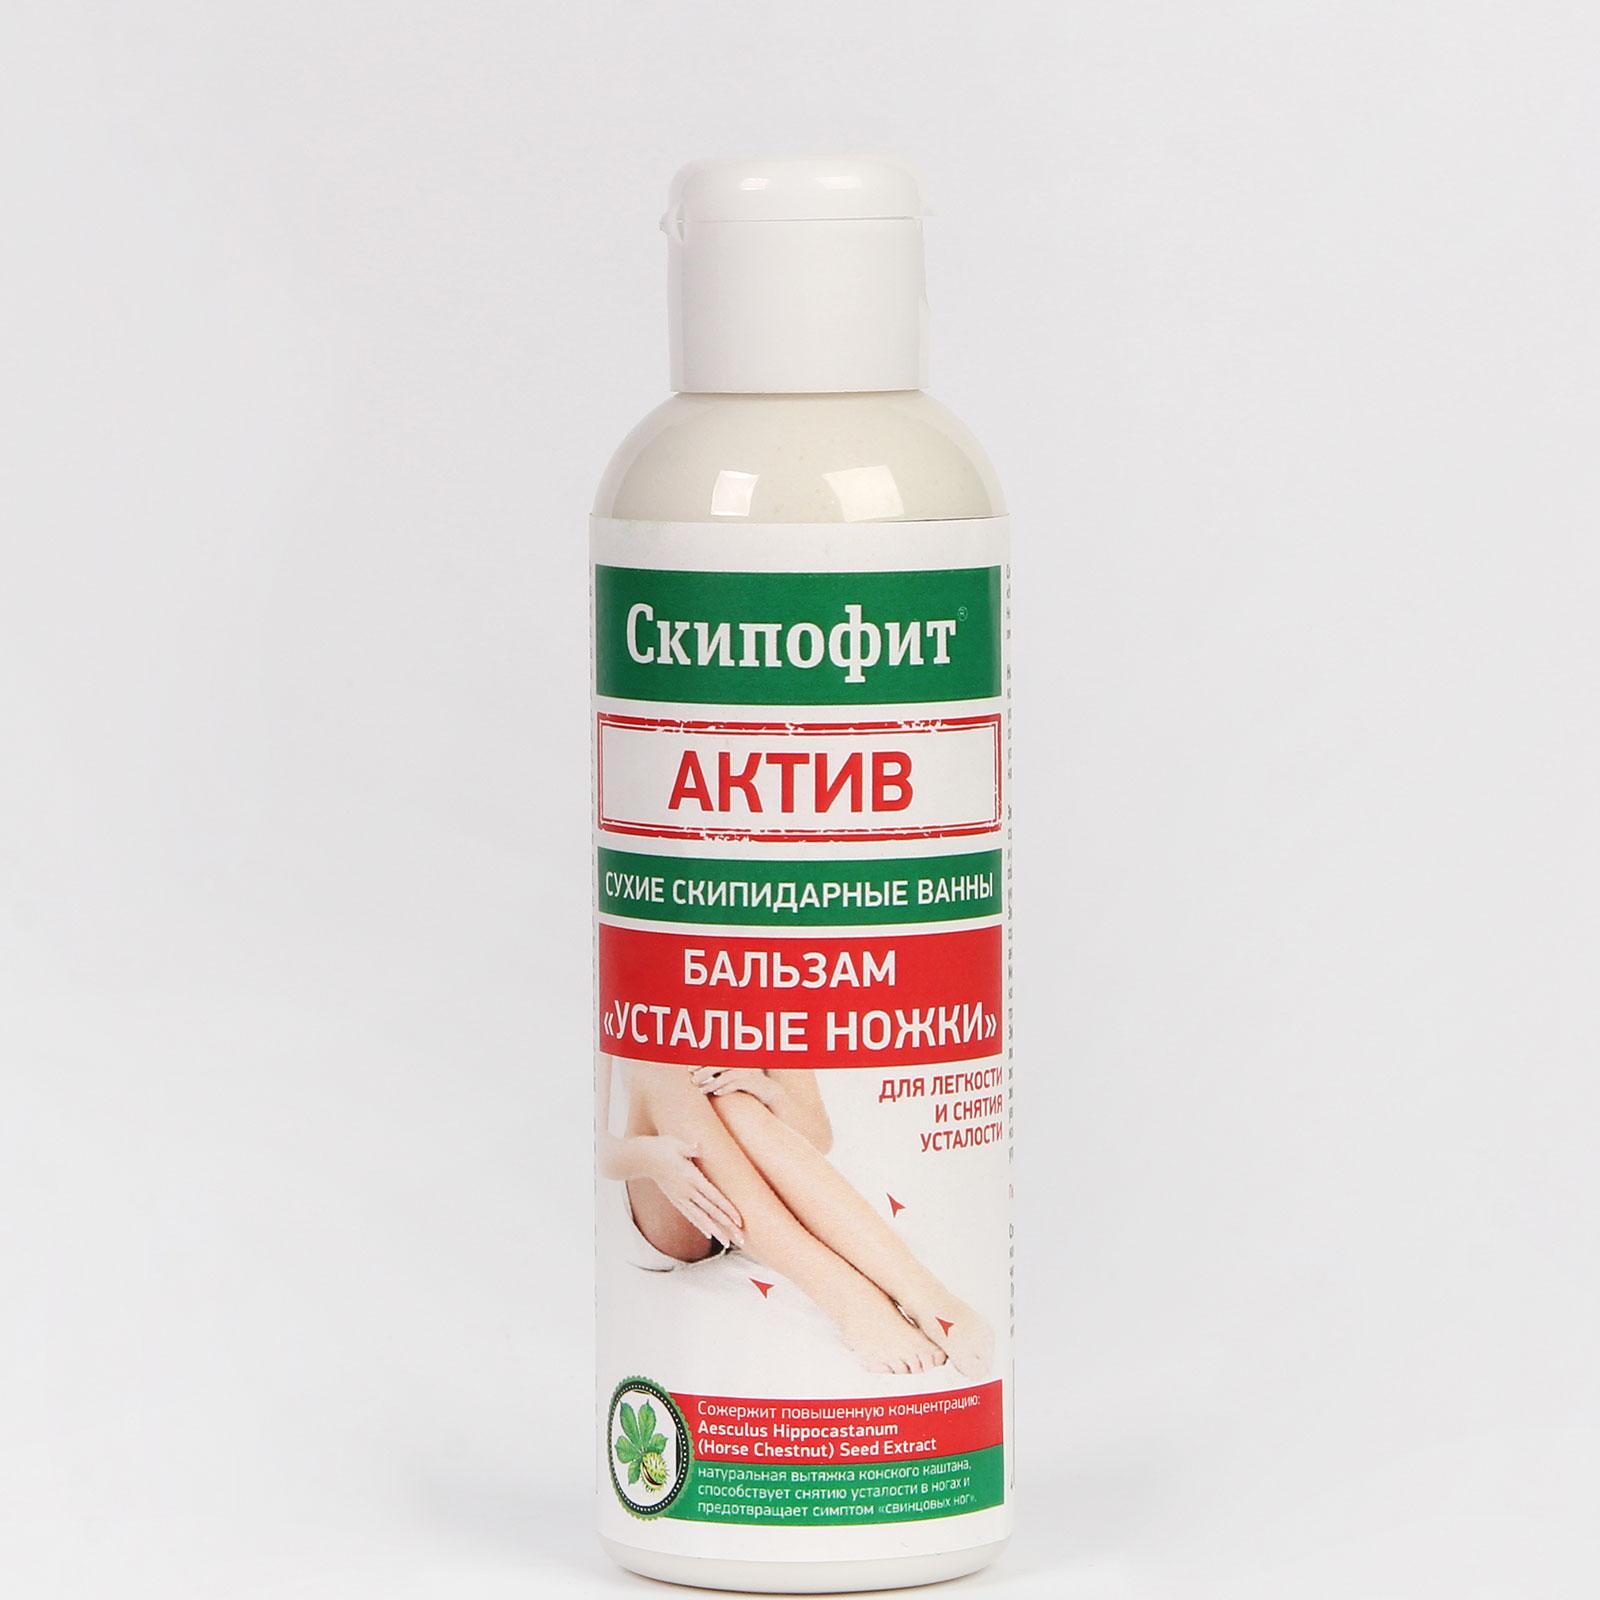 """Сухая скипидарная ванна """"Усталые ножки Актив"""""""